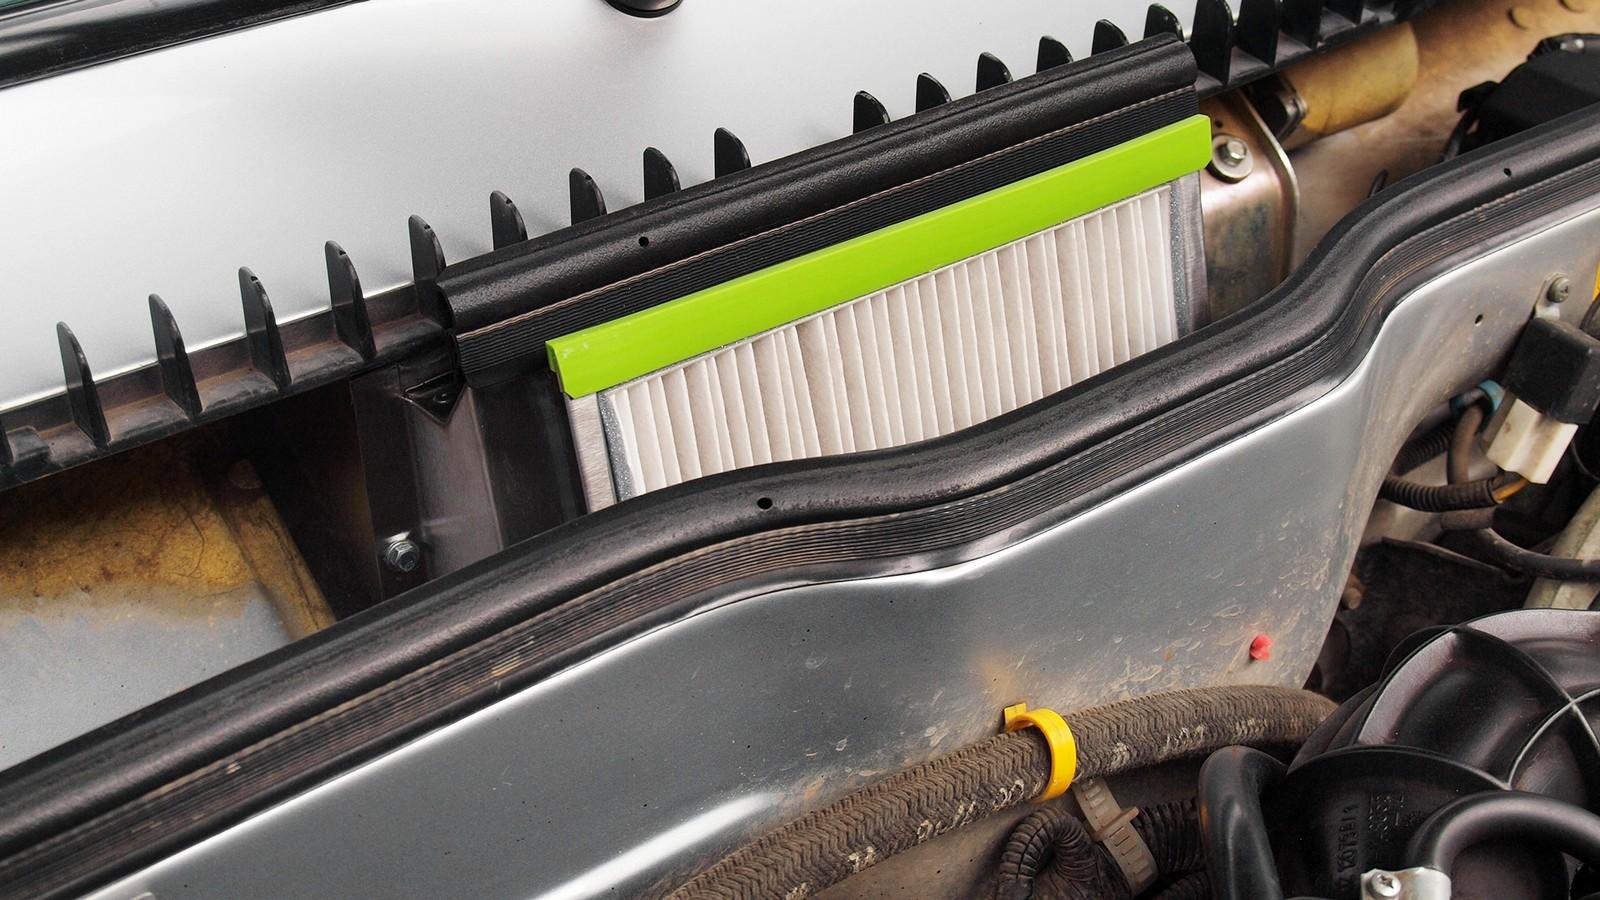 Адаптер салонного фильтра ВАЗ-2110 – готовое изделие, приобретённое в интернете